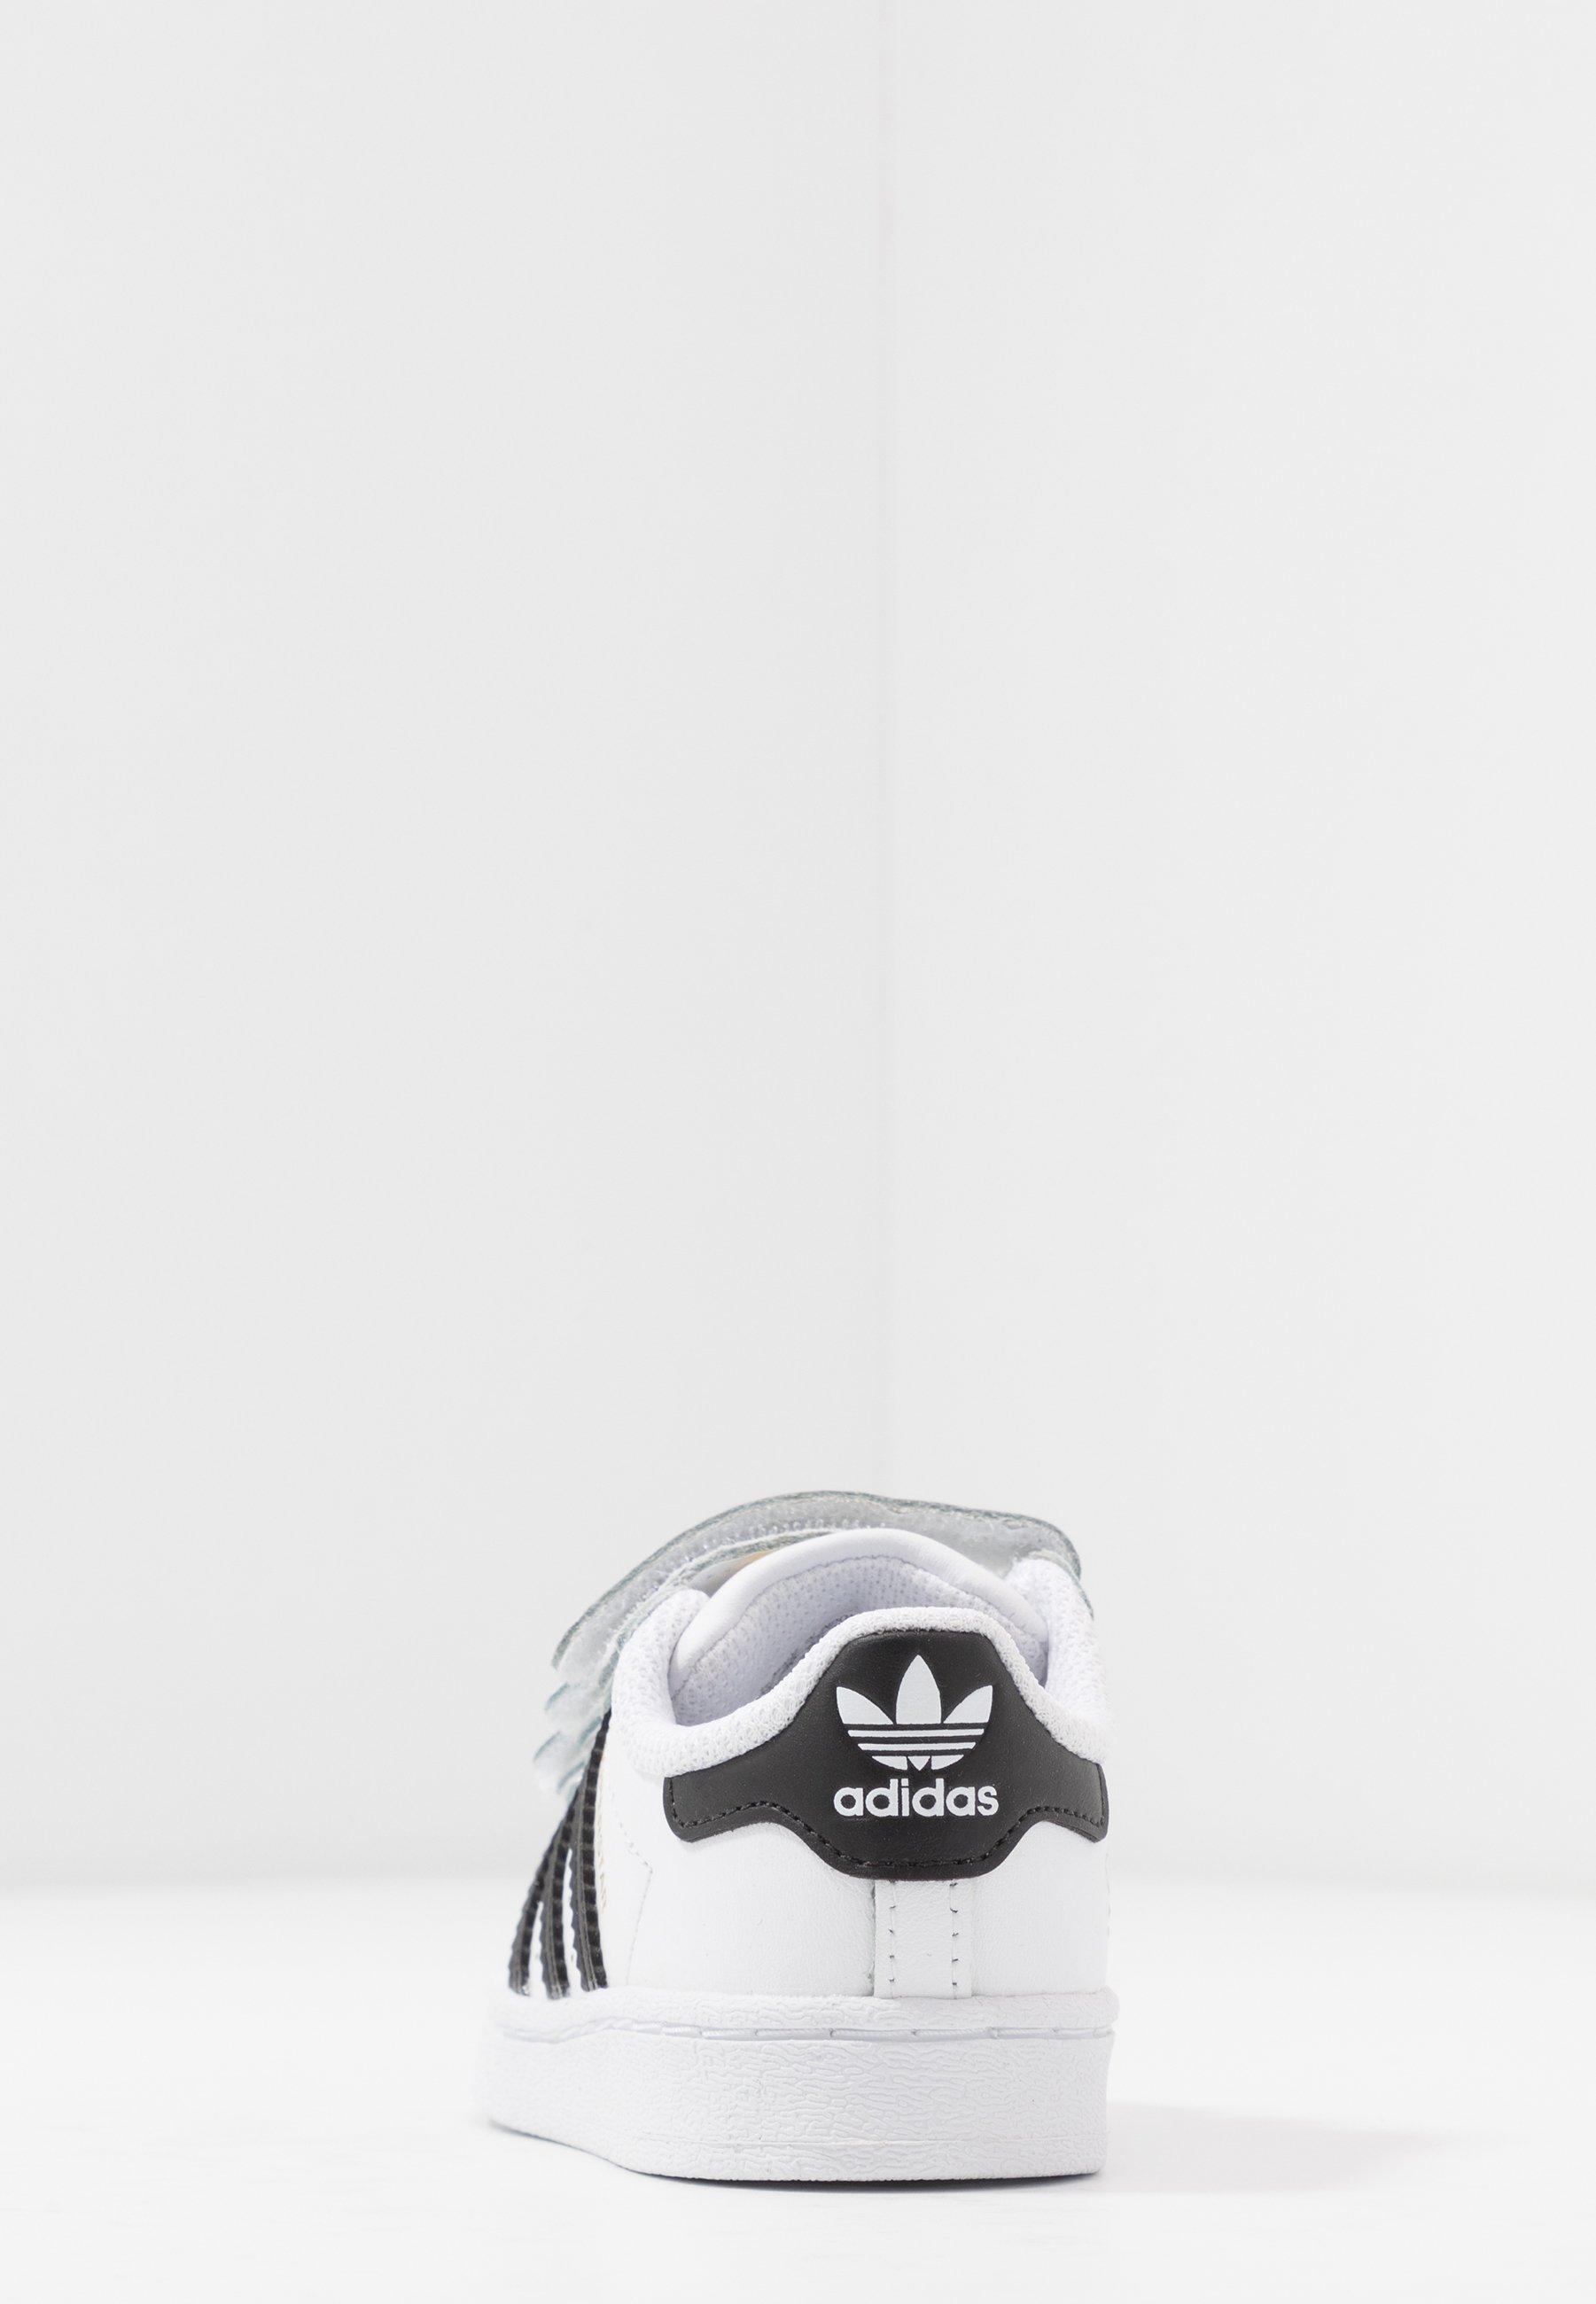 Commercialisable Meilleurs prix adidas Originals SUPERSTAR Baskets basses footwear white/core black 8dUf0